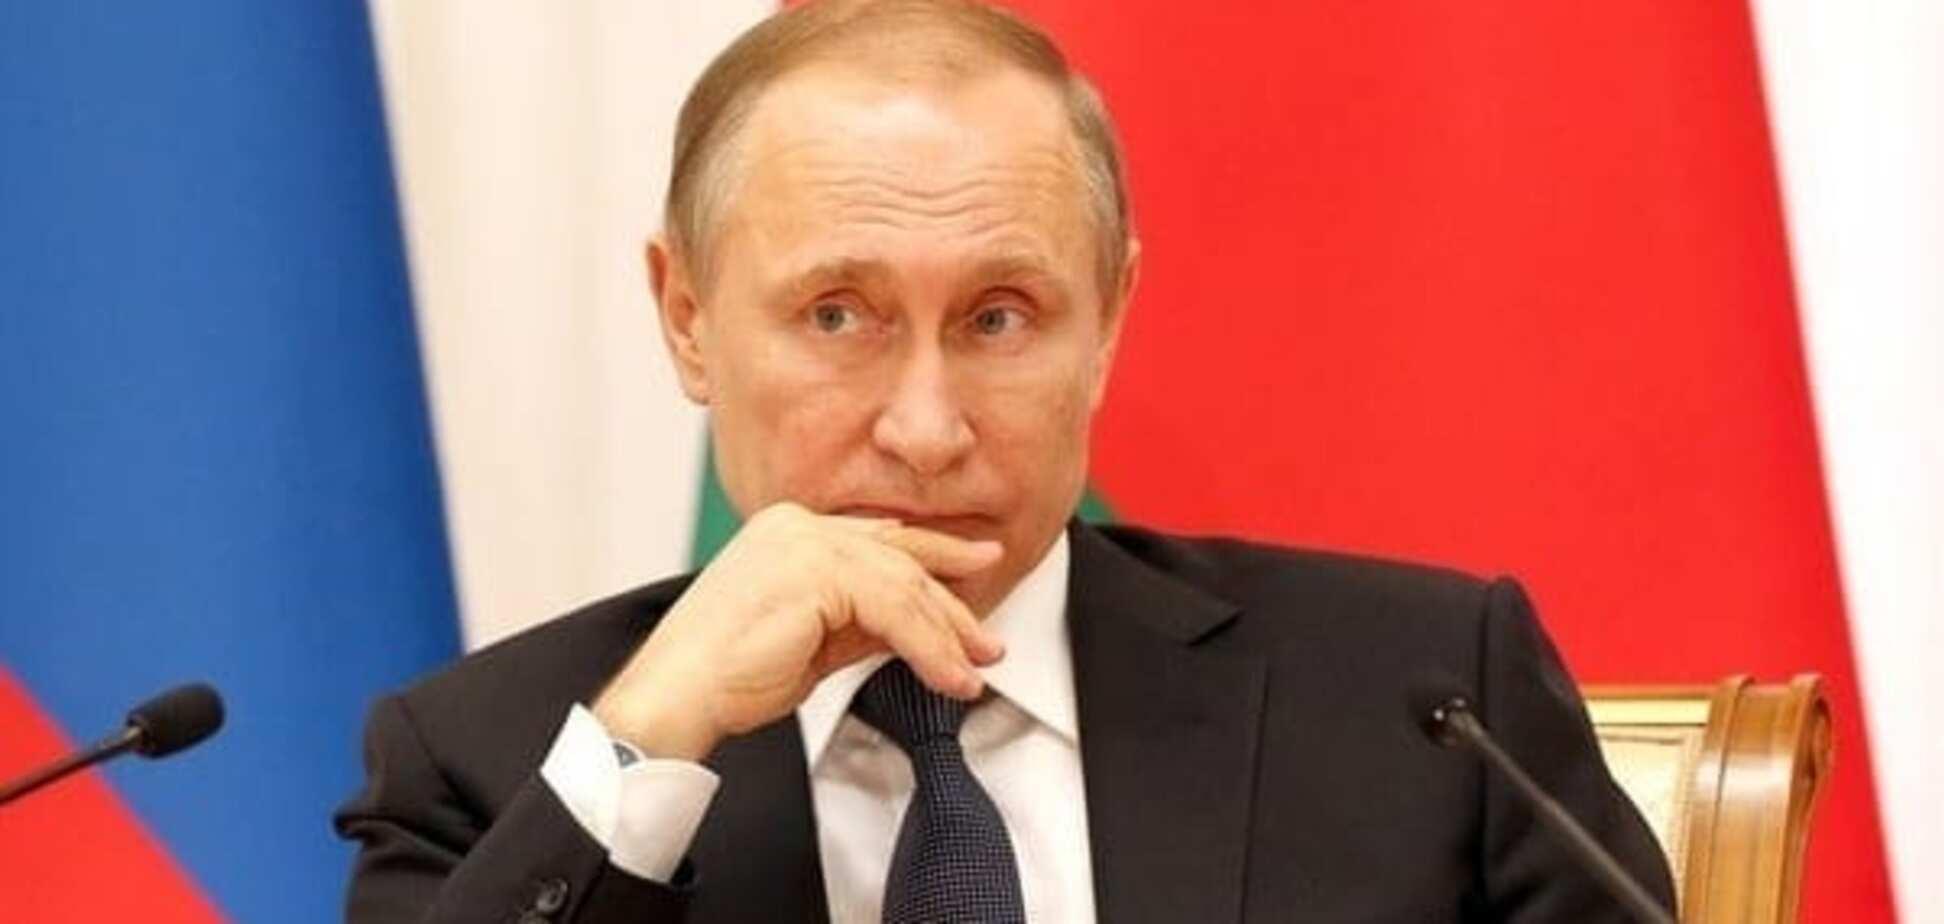 Стратити не можна помилувати: експерт розповіла, як Путін може уникнути трибуналу